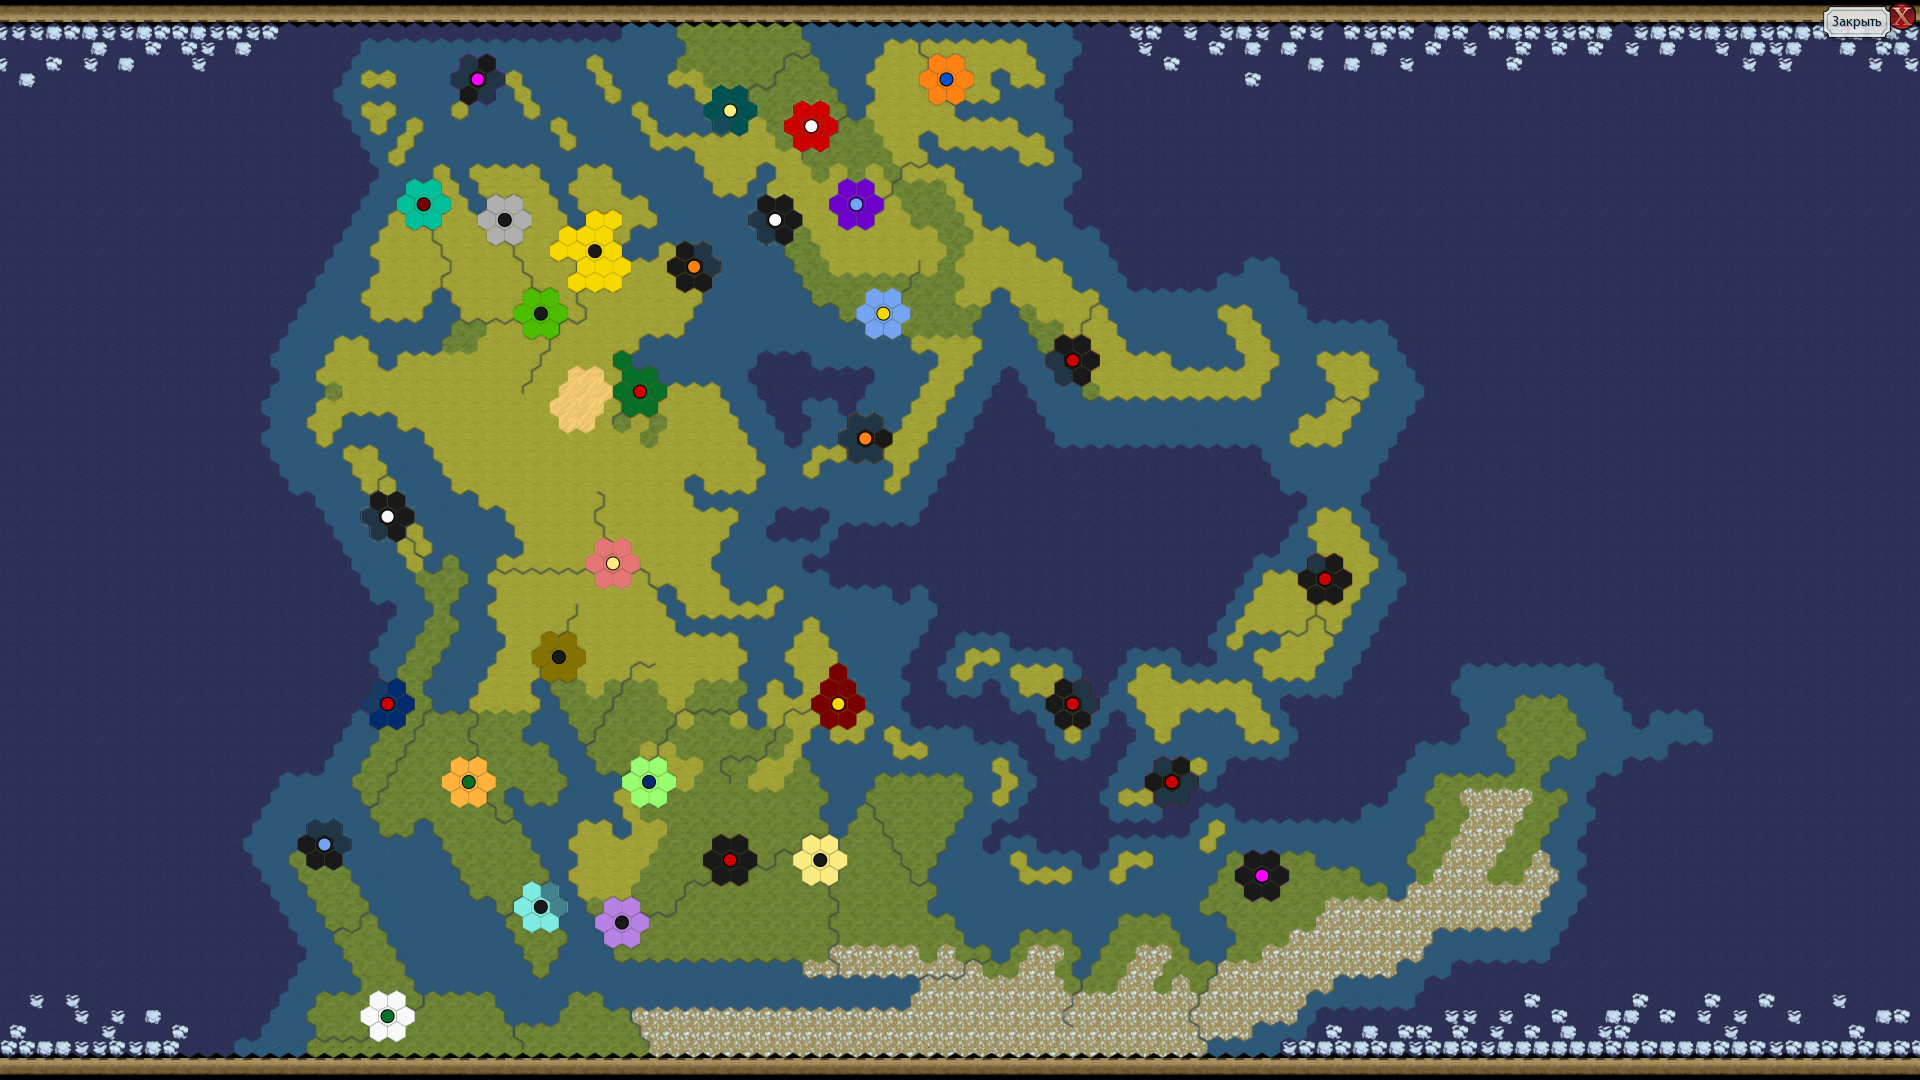 Sid Meier's Civilization VI Screenshot 2019.02.17 - 19.29.36.93.png